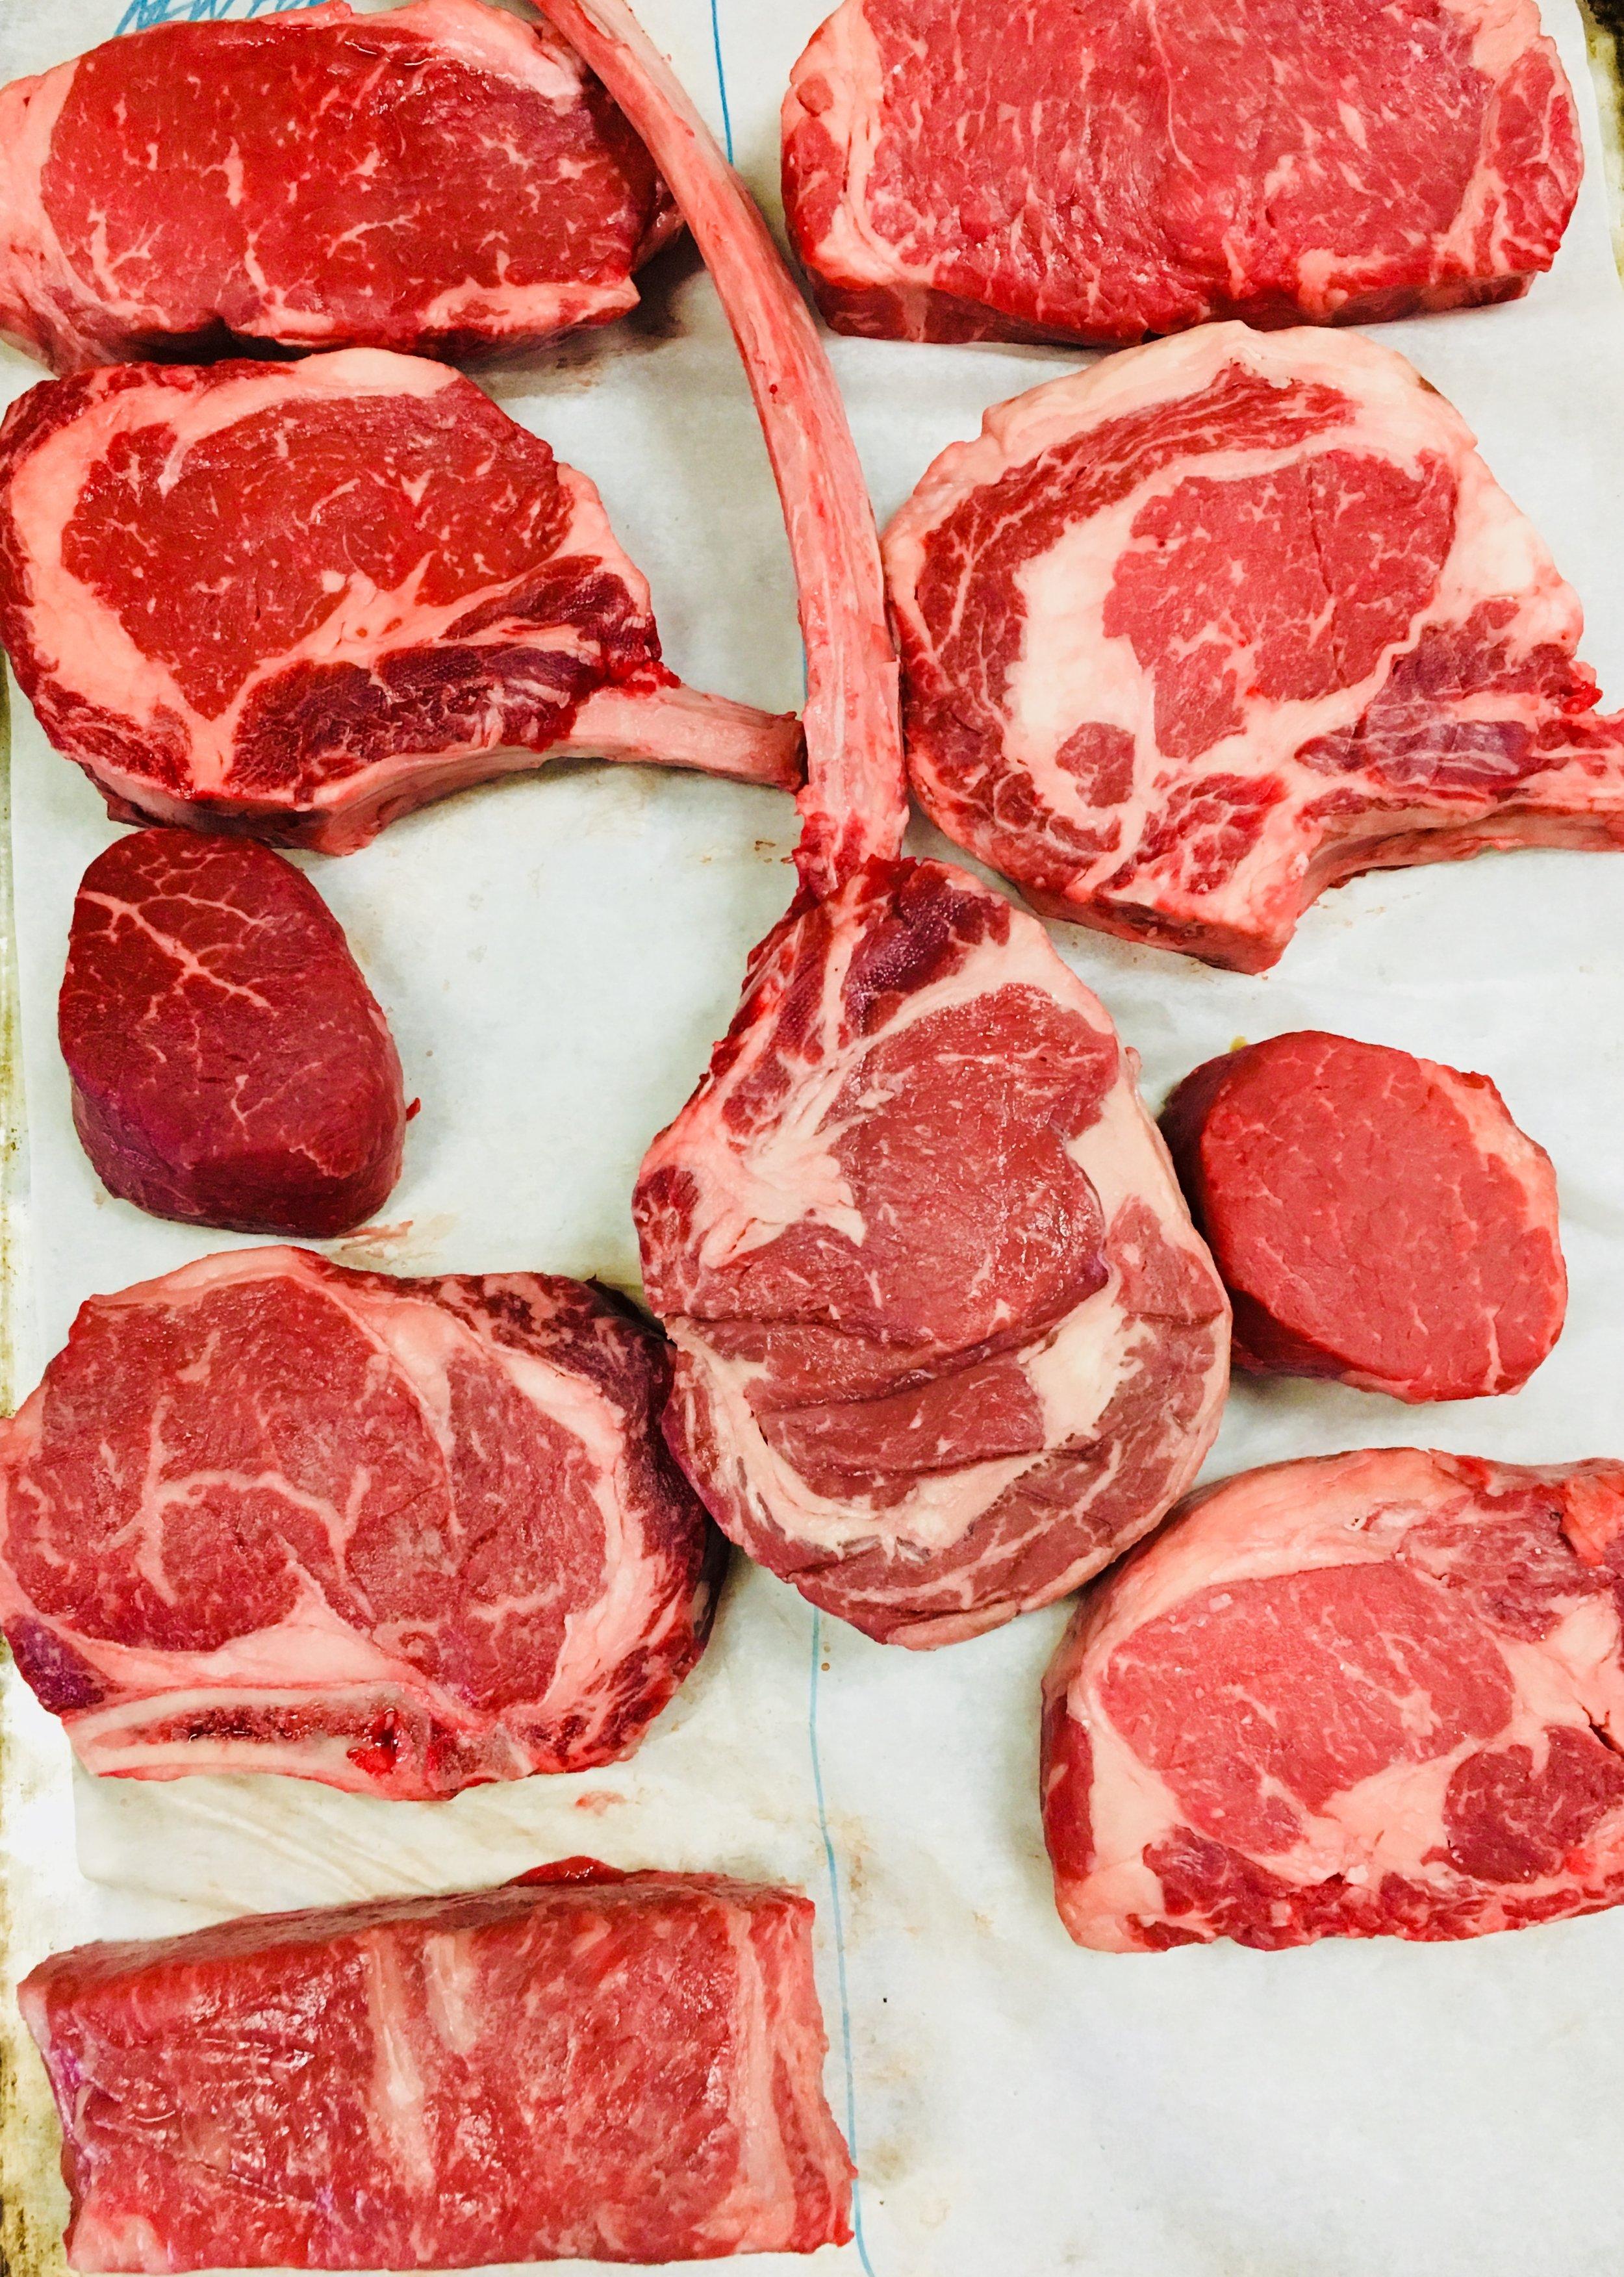 Prime_steaks_mastro_scheidt.jpg